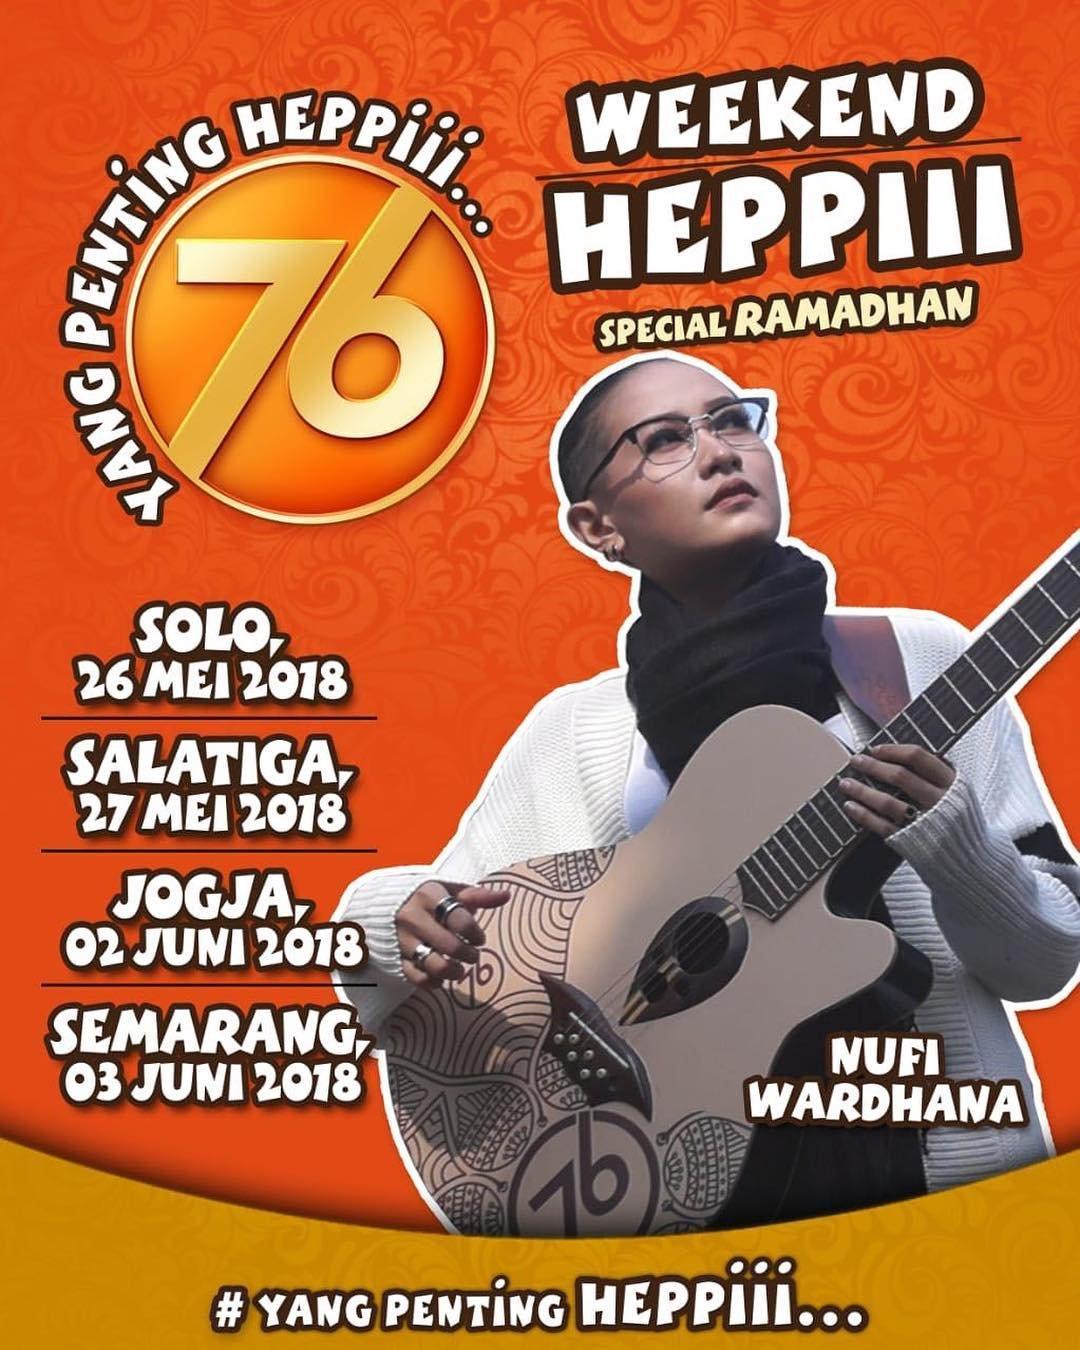 Event Semarang - Weekend Heppiii Spesial Ramadhan